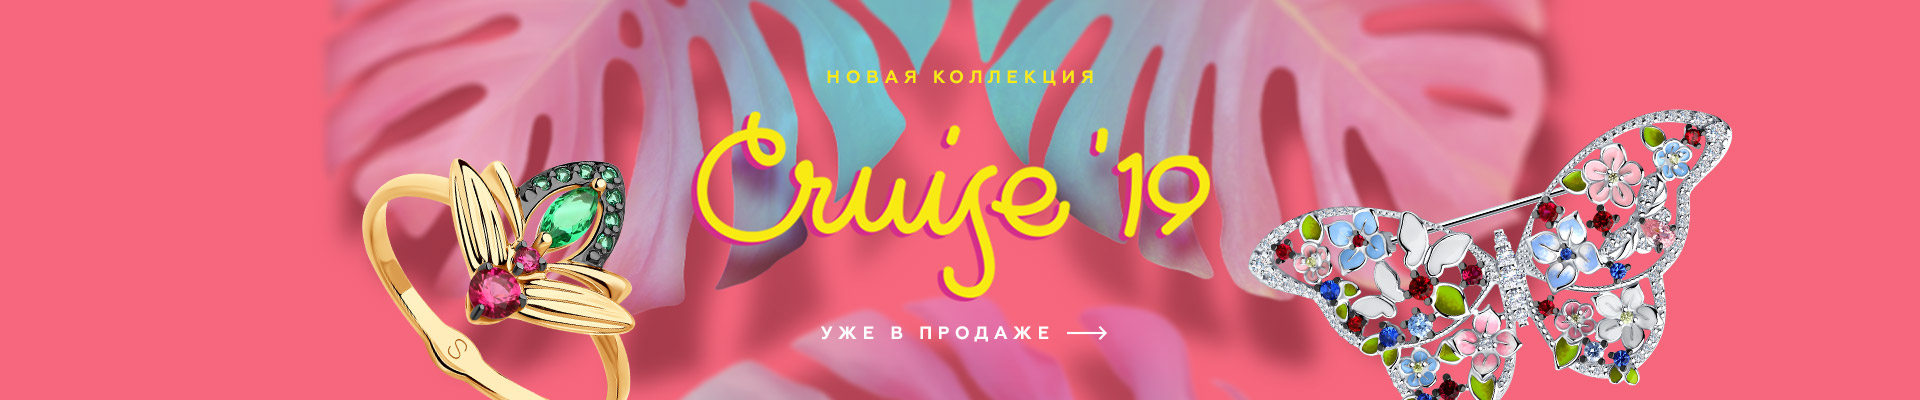 Sokolov Cruise